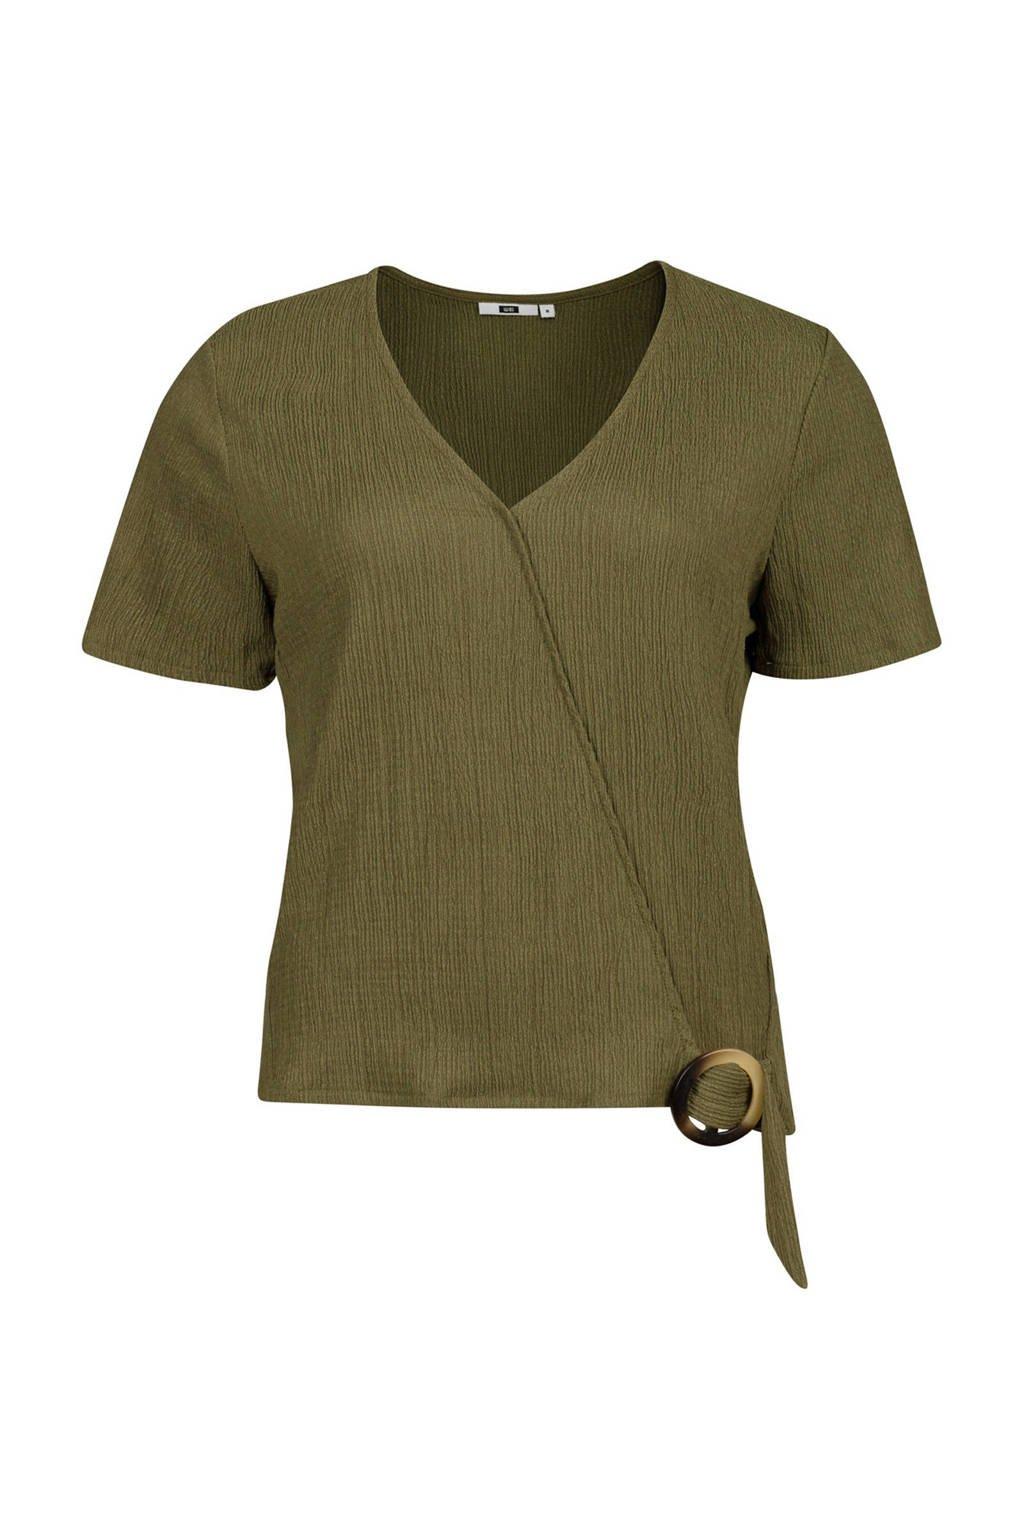 WE Fashion overslag top met overslag detail olijfgroen, Olijfgroen